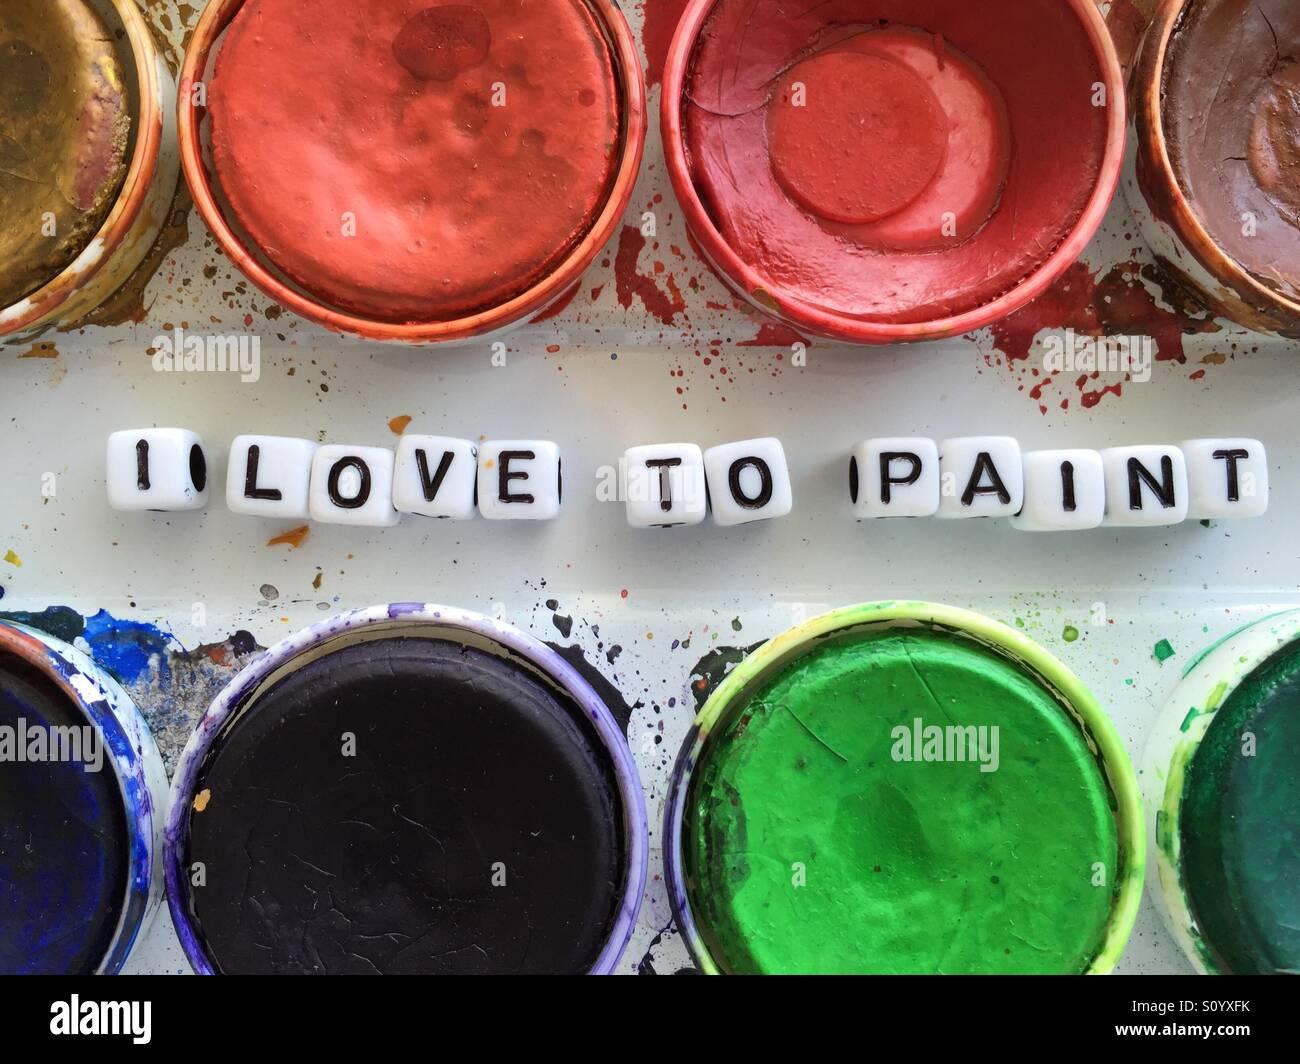 Ich liebe es zu malen Stockbild